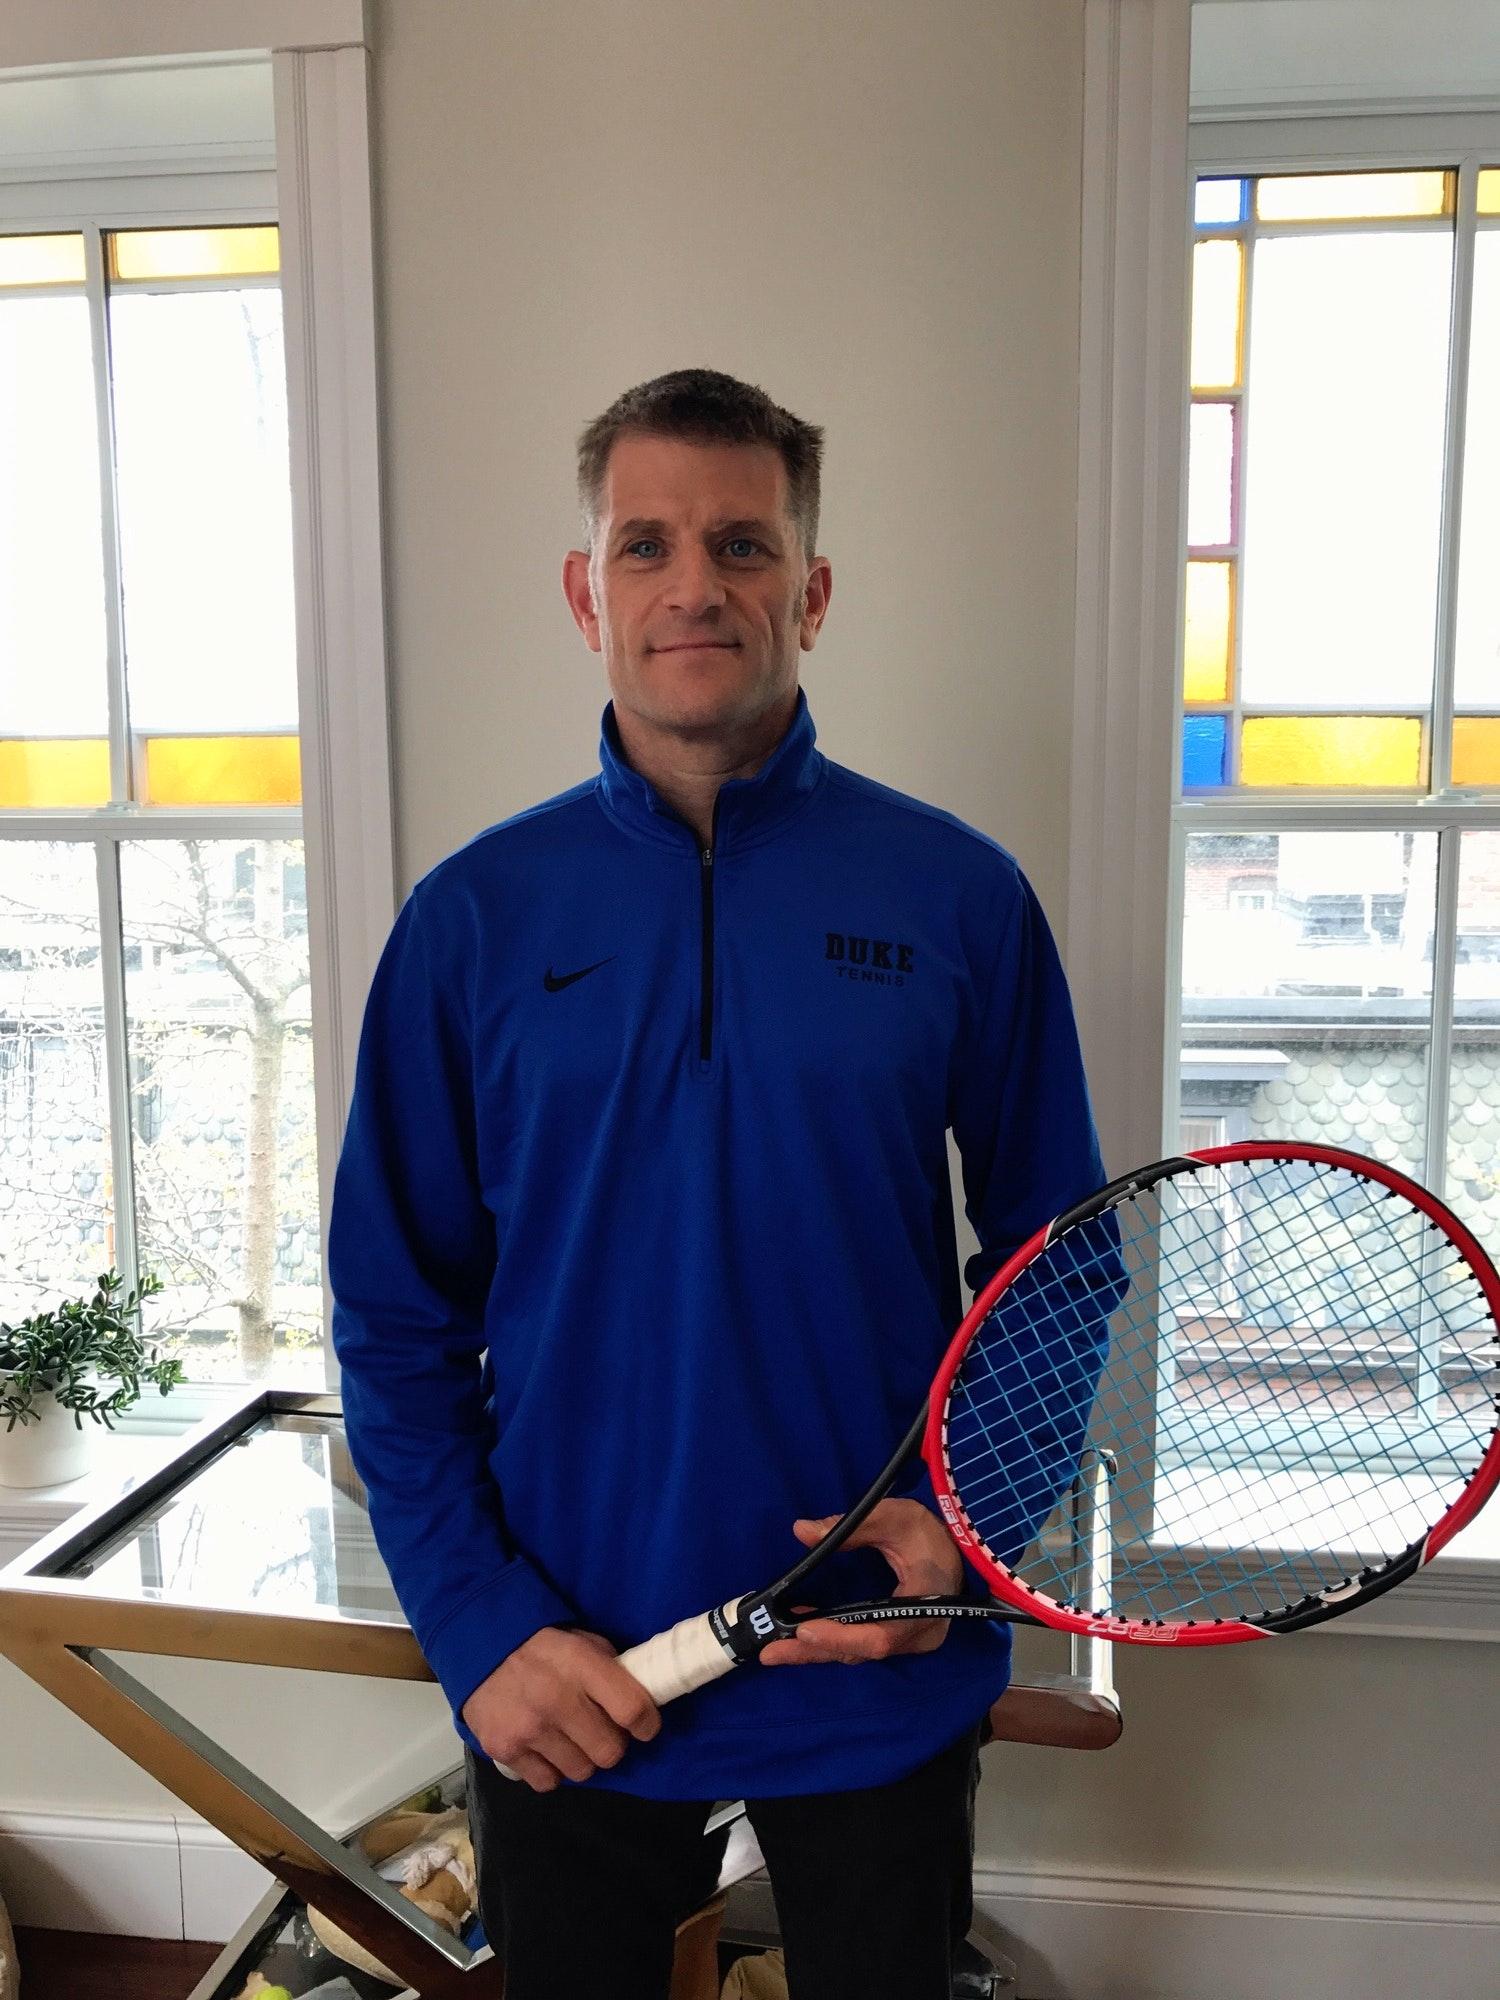 David H. teaches tennis lessons in Boston, MA